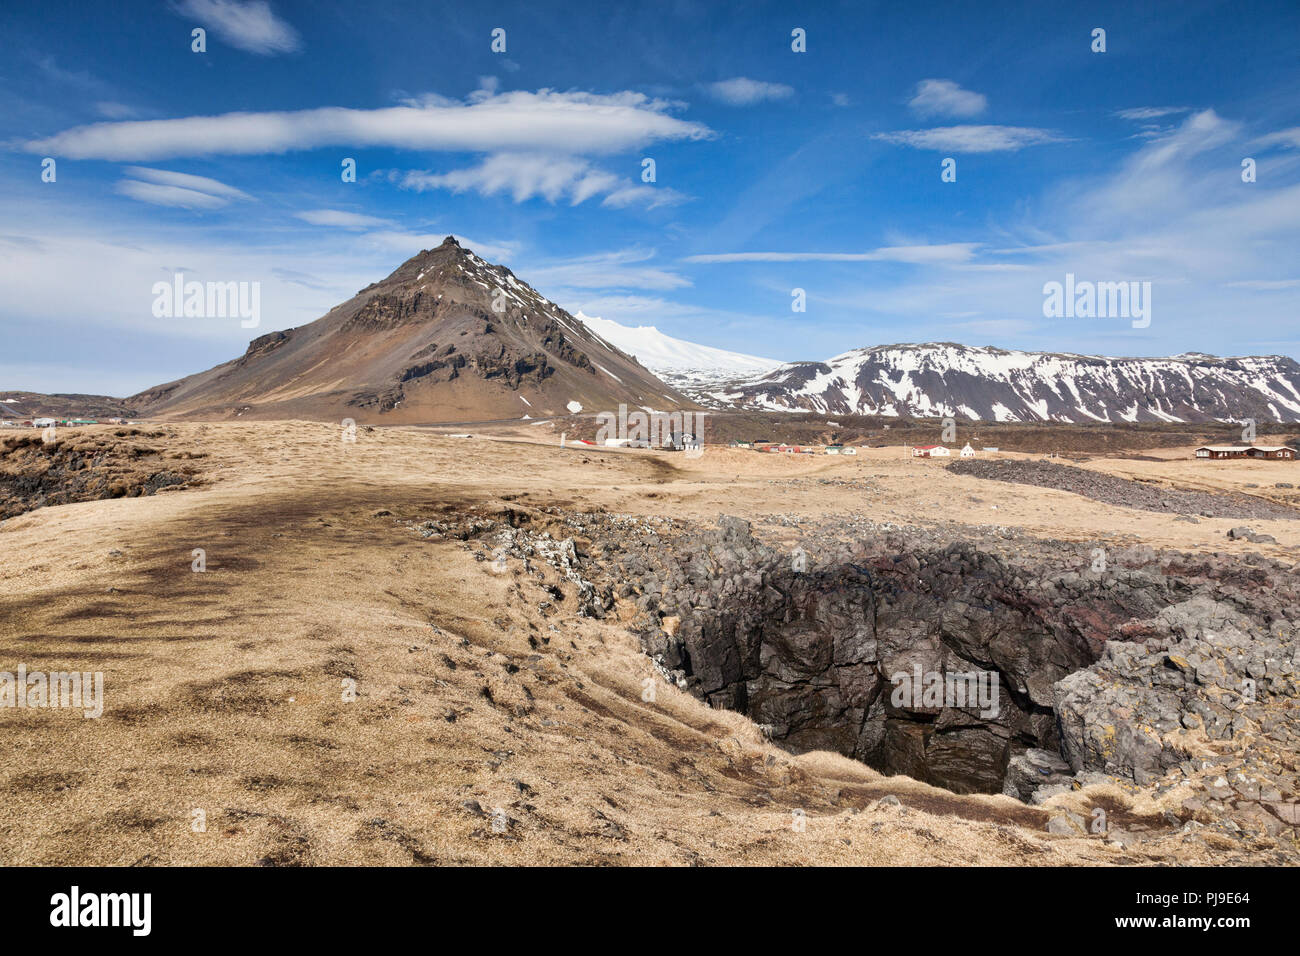 Un évent et la montagne Stapafell au magnifique village de Arnarstapi, Péninsule de Snæfellsnes, l'Islande. Photo Stock